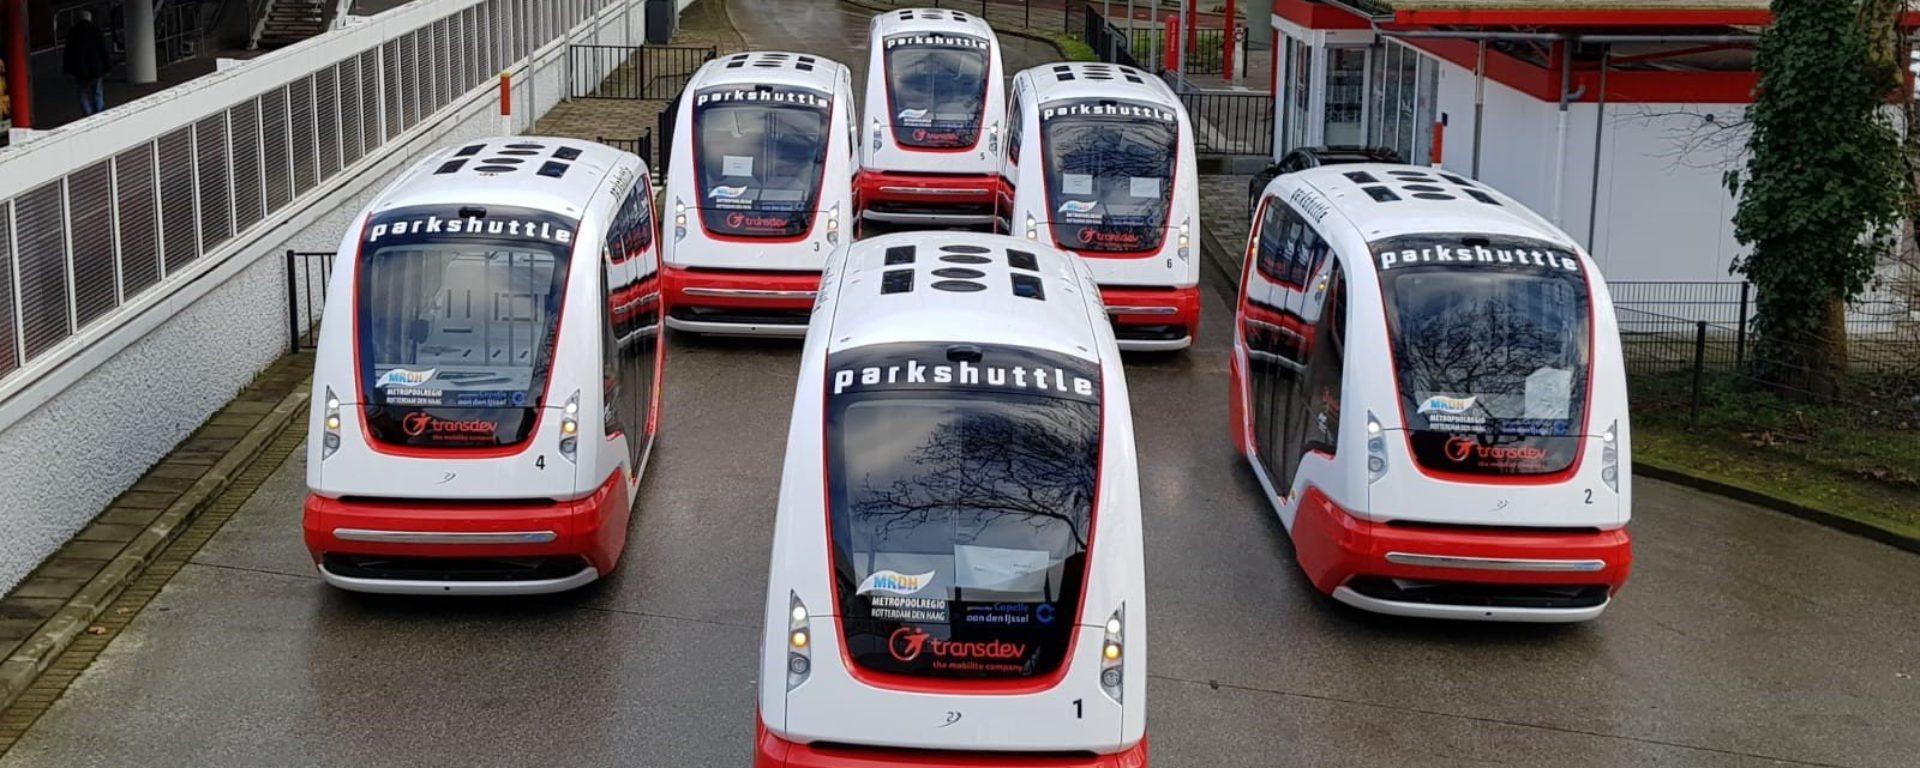 shuttle-autonomous-vehicle-ats-2021